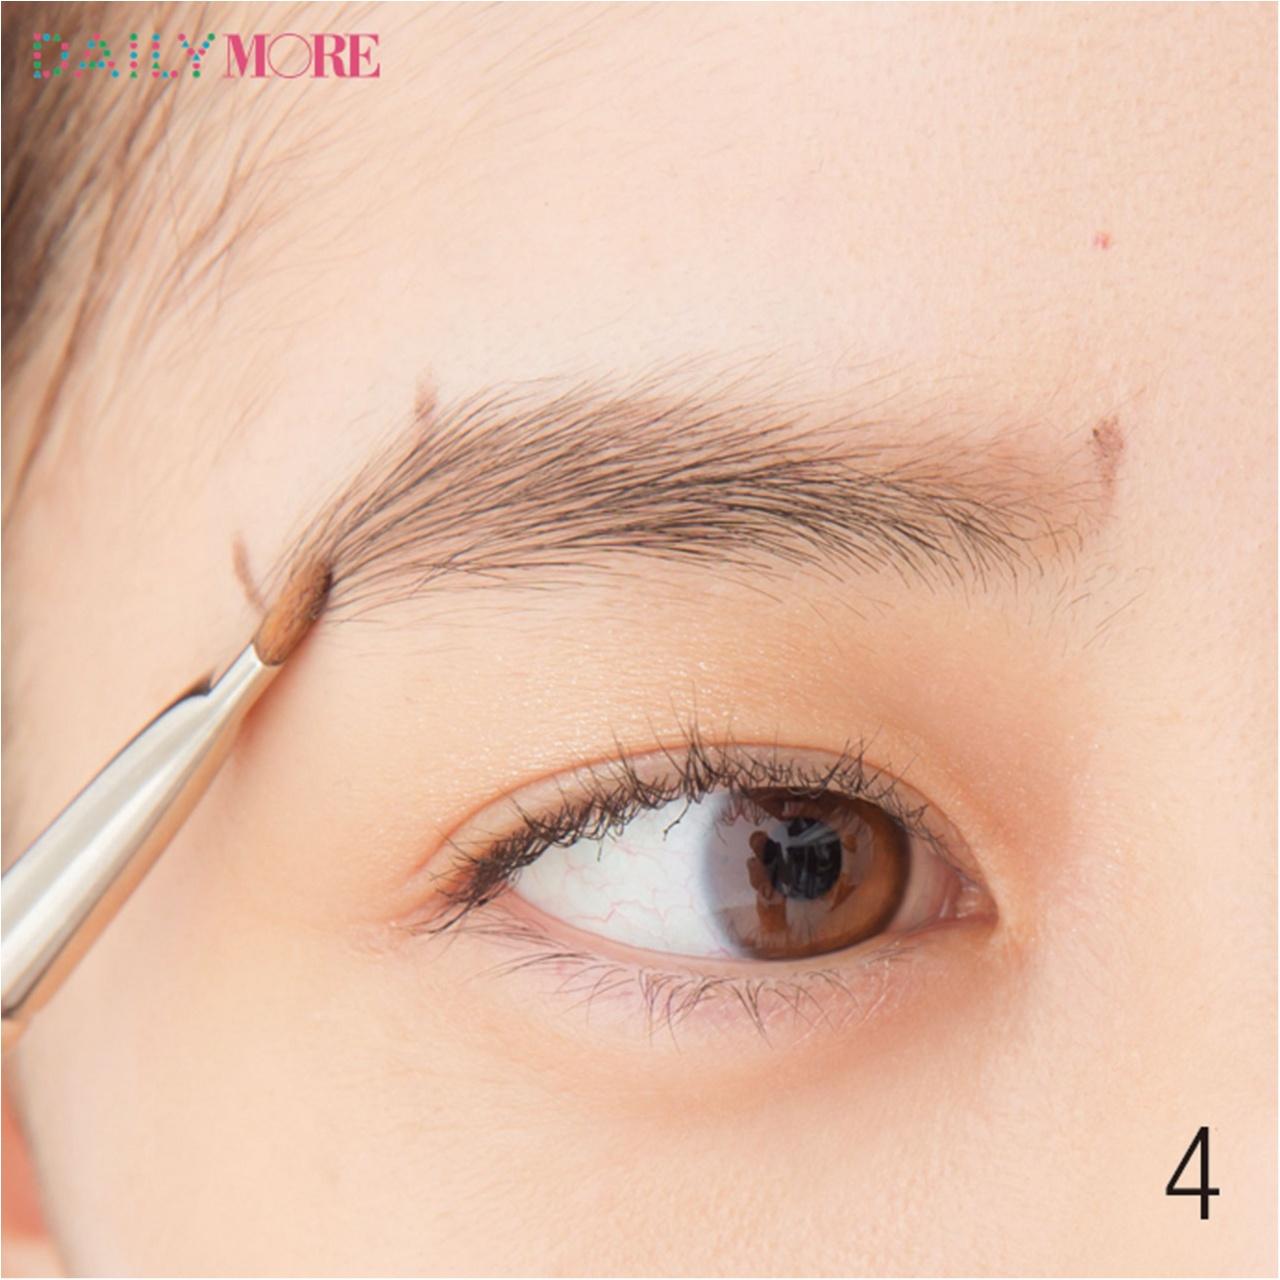 眉毛特集 - 世界一正しい眉の描き方 | アイブロウの描き方、メイクのプロセスやテクニックまとめ_26